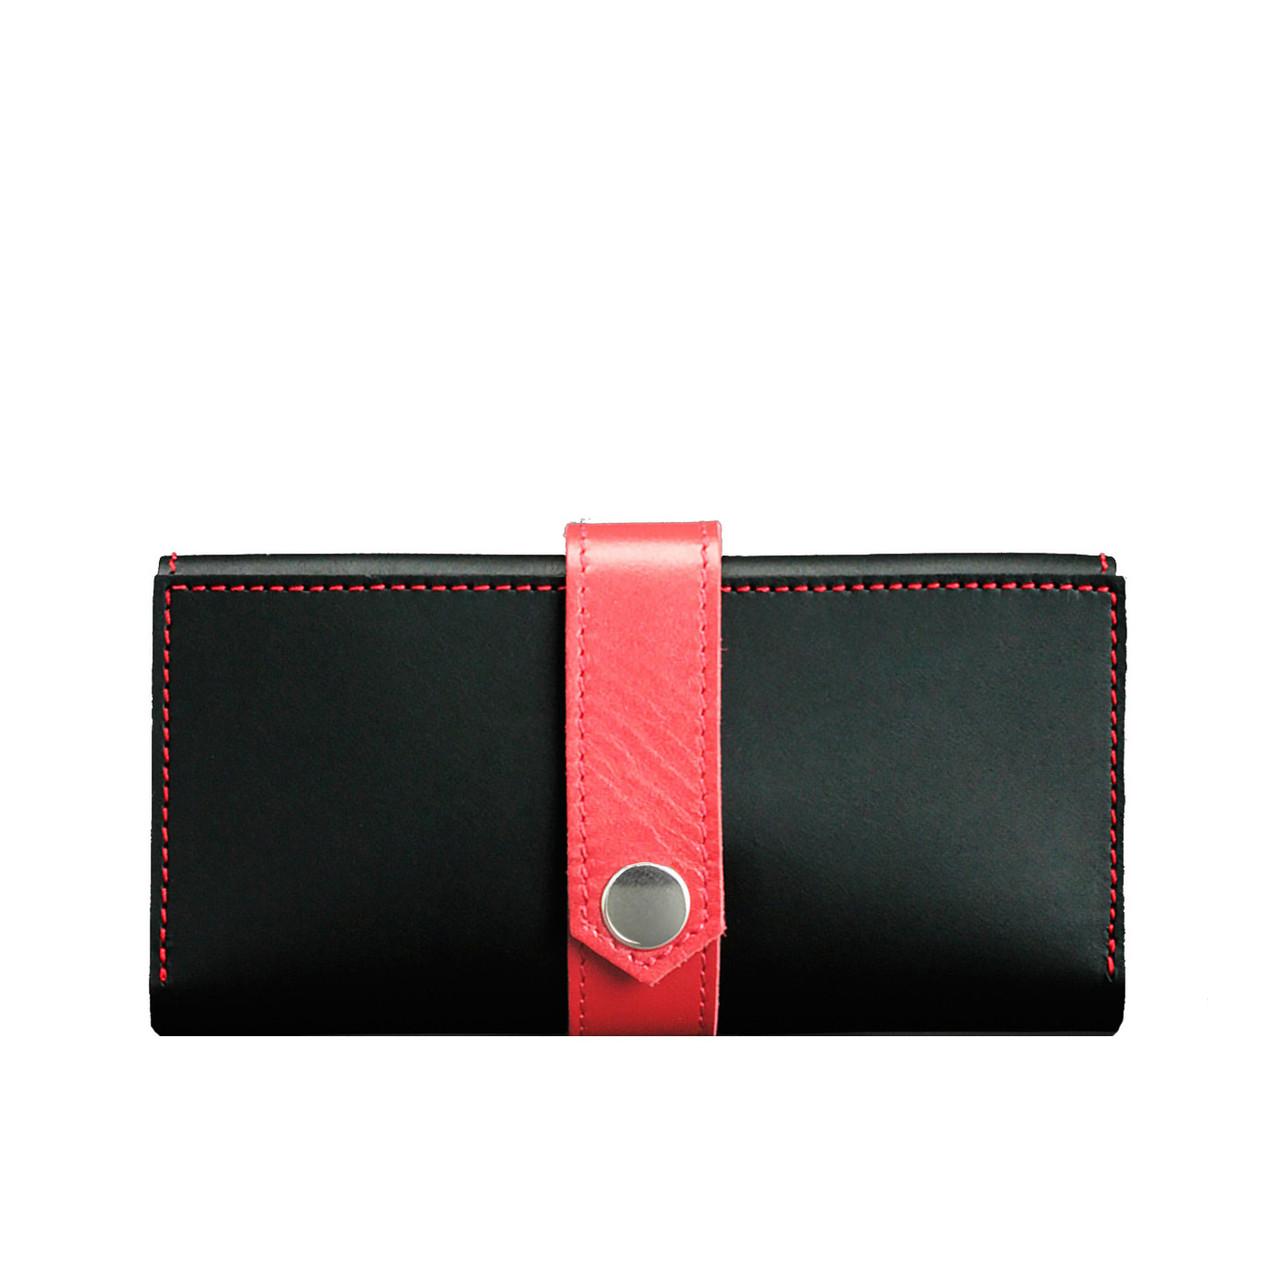 Кожаное женское портмоне Blanknote 3.0 черное с красным